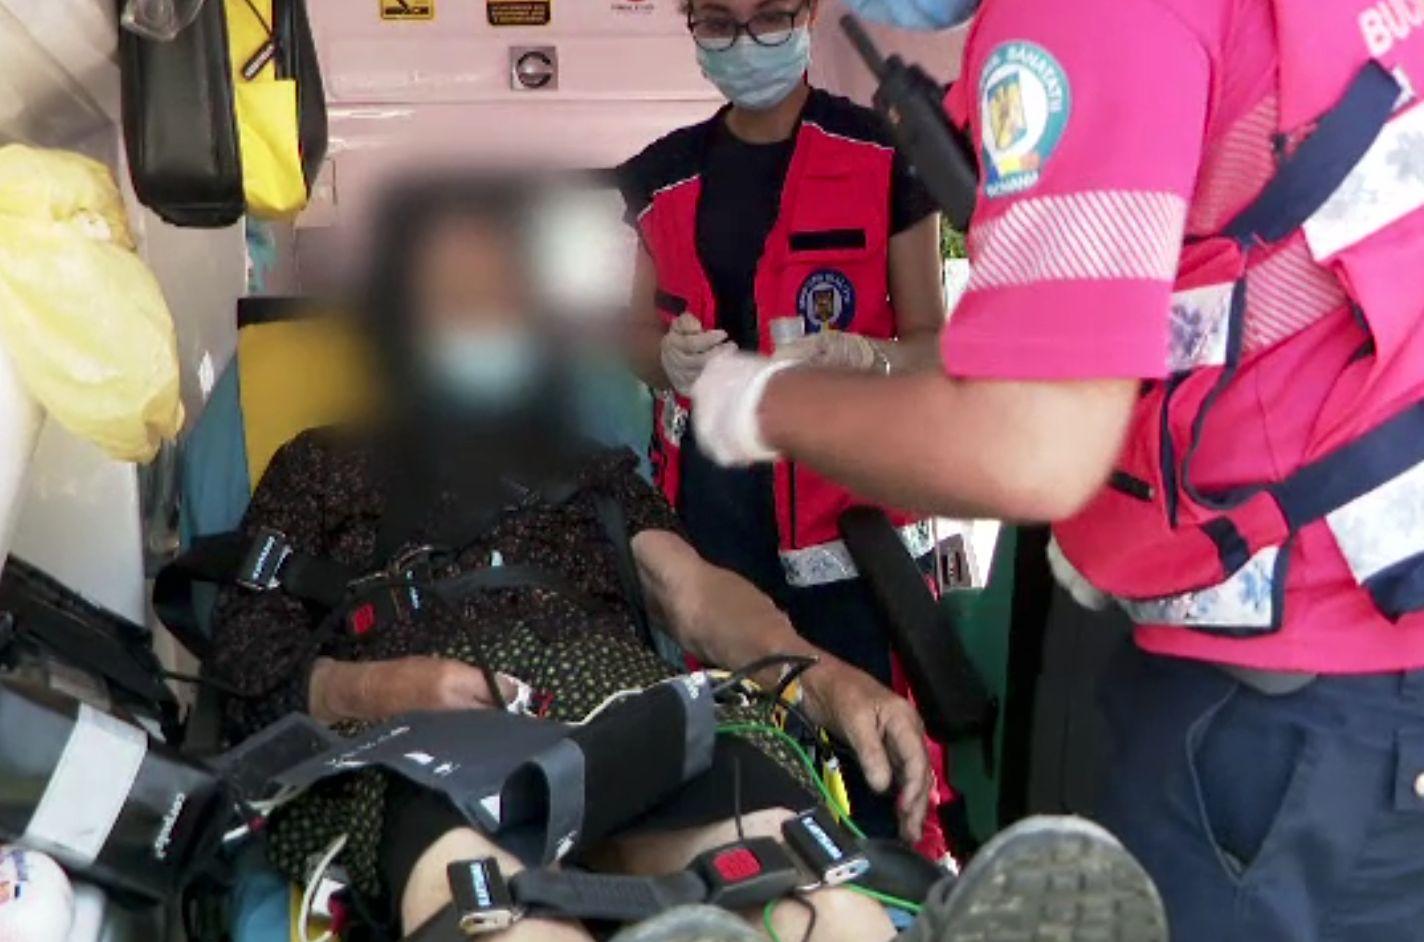 România, lovită de caniculă. Sute de persoane au leșinat pe stradă și au avut nevoie de intervenția medicilor